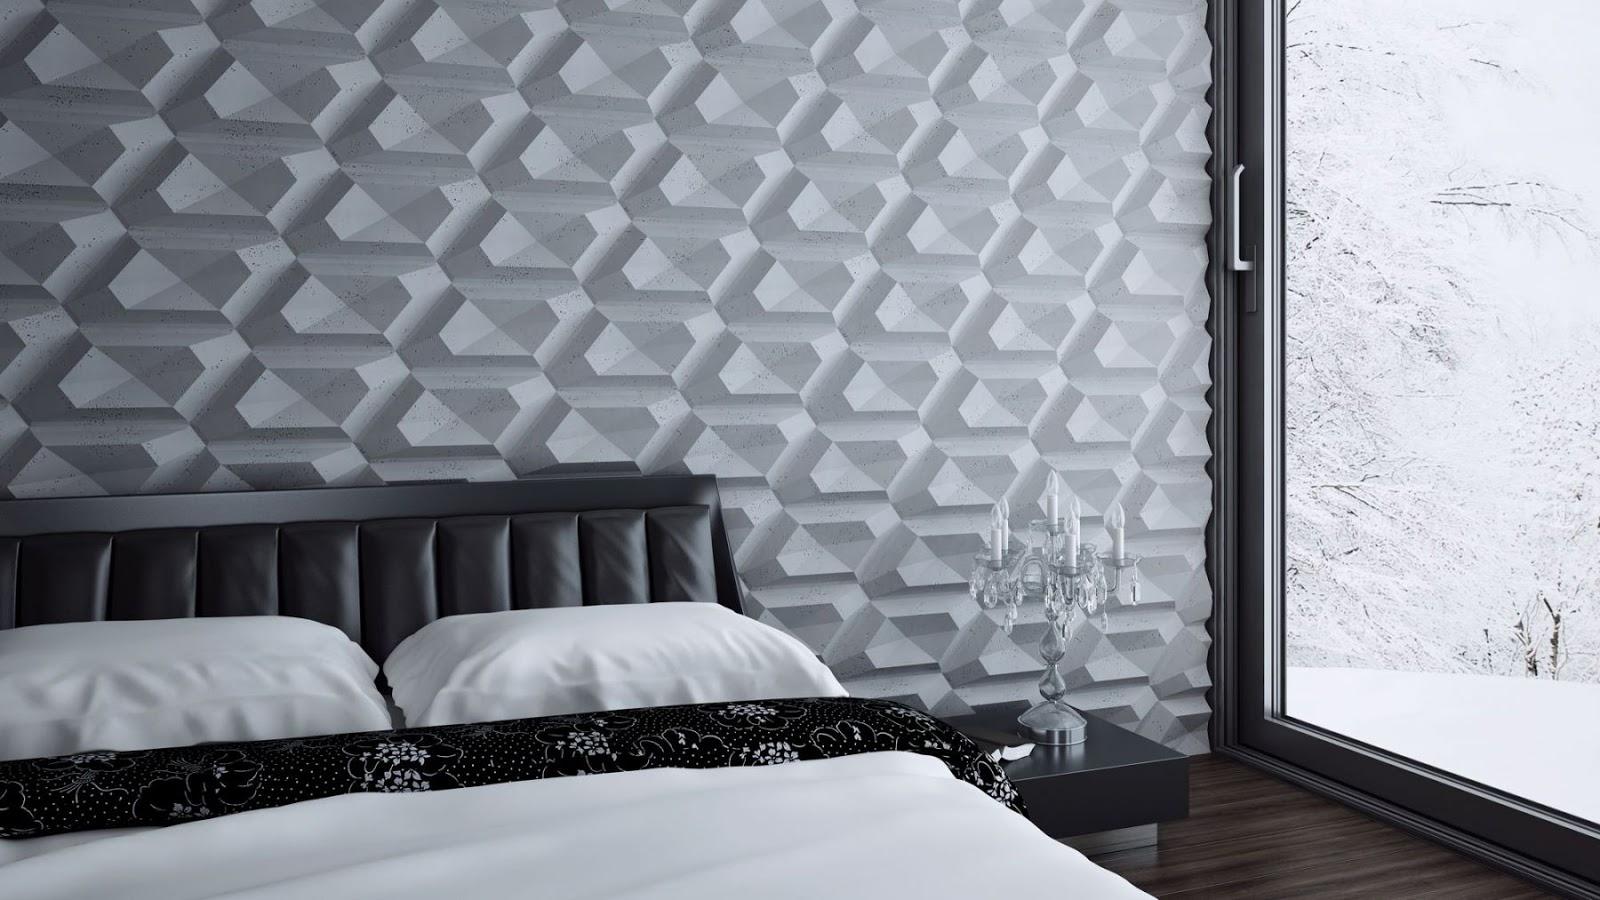 Pomysł na nowoczesną aranżację wnętrza -  betonowe płyty architektoniczne i panele 3D.